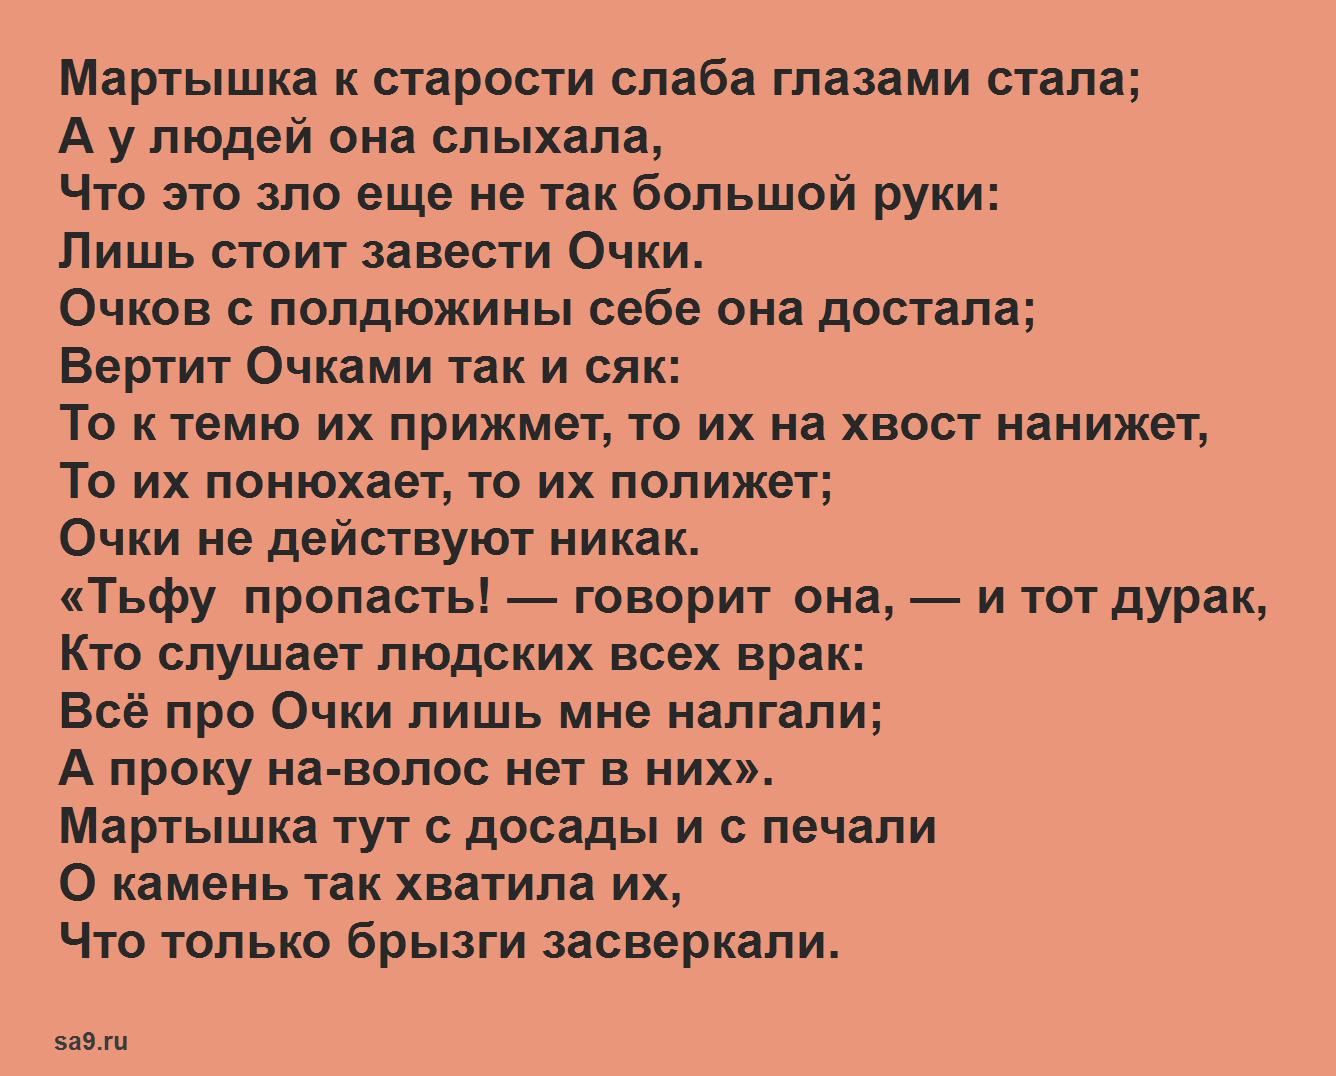 Басня Крылова 'Мартышка и очки', текст басни читать полностью